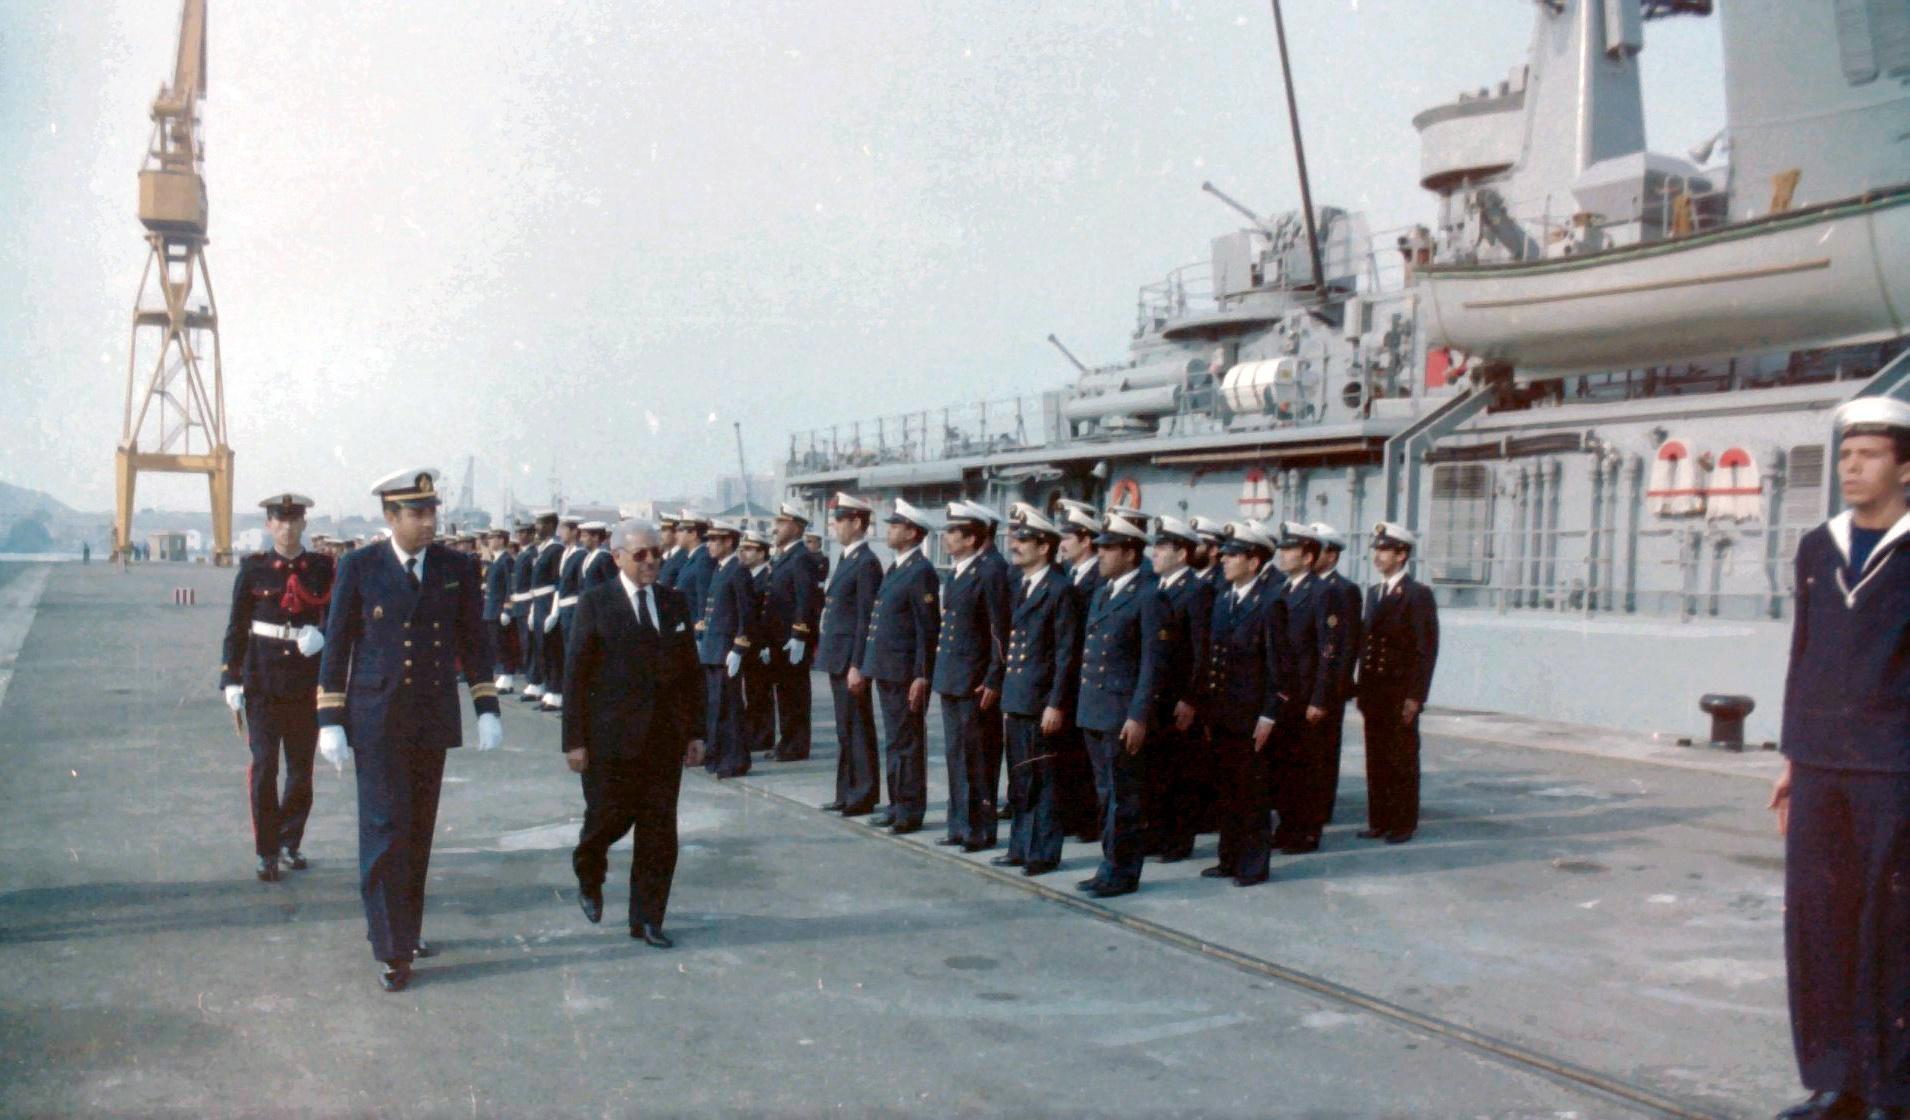 Royal Moroccan Navy Descubierta Frigate / Corvette Lt Cl Errahmani - Bâtiment École - Page 4 Clipb528